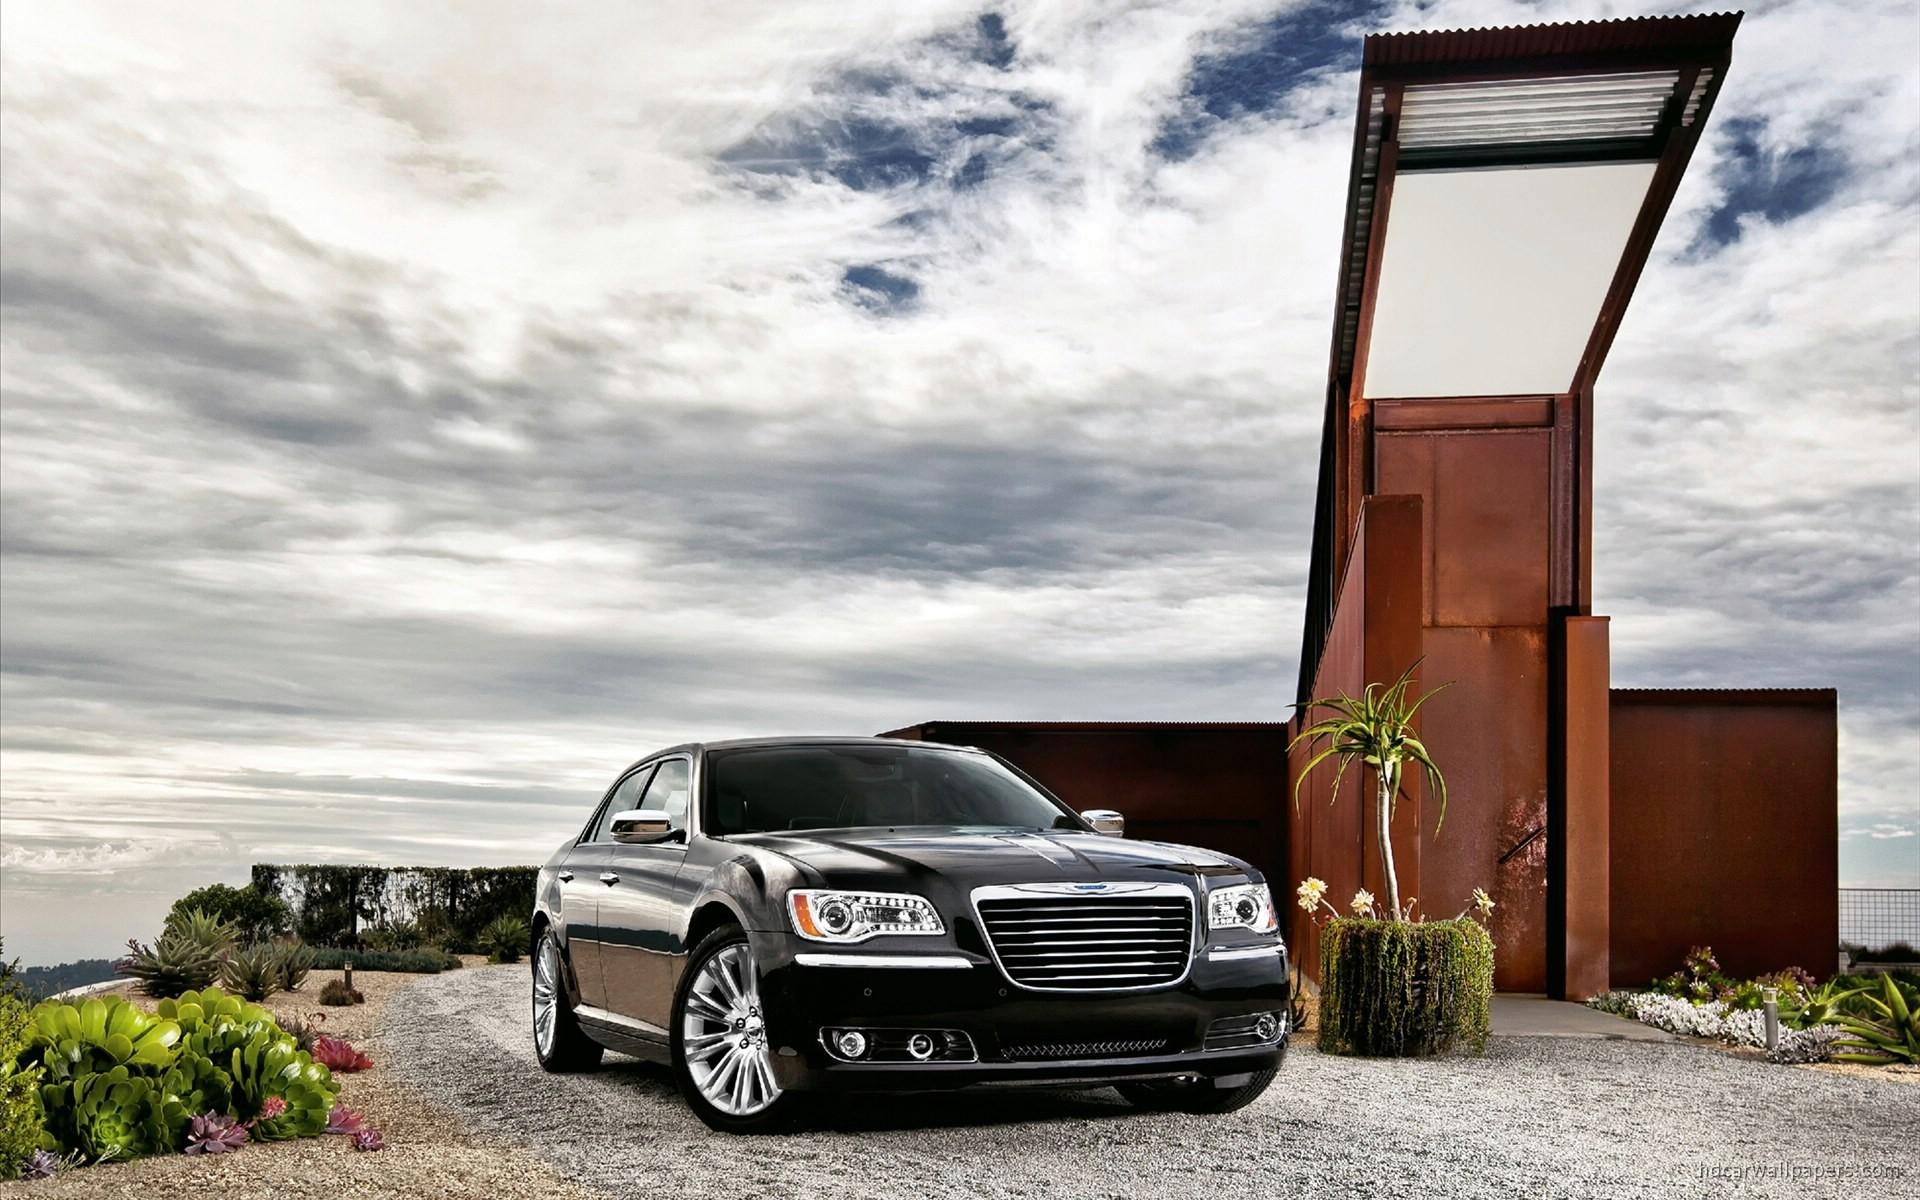 chrysler-Chrysler-Hd-Car-within-Chrysler-wallpaper-wp3601016